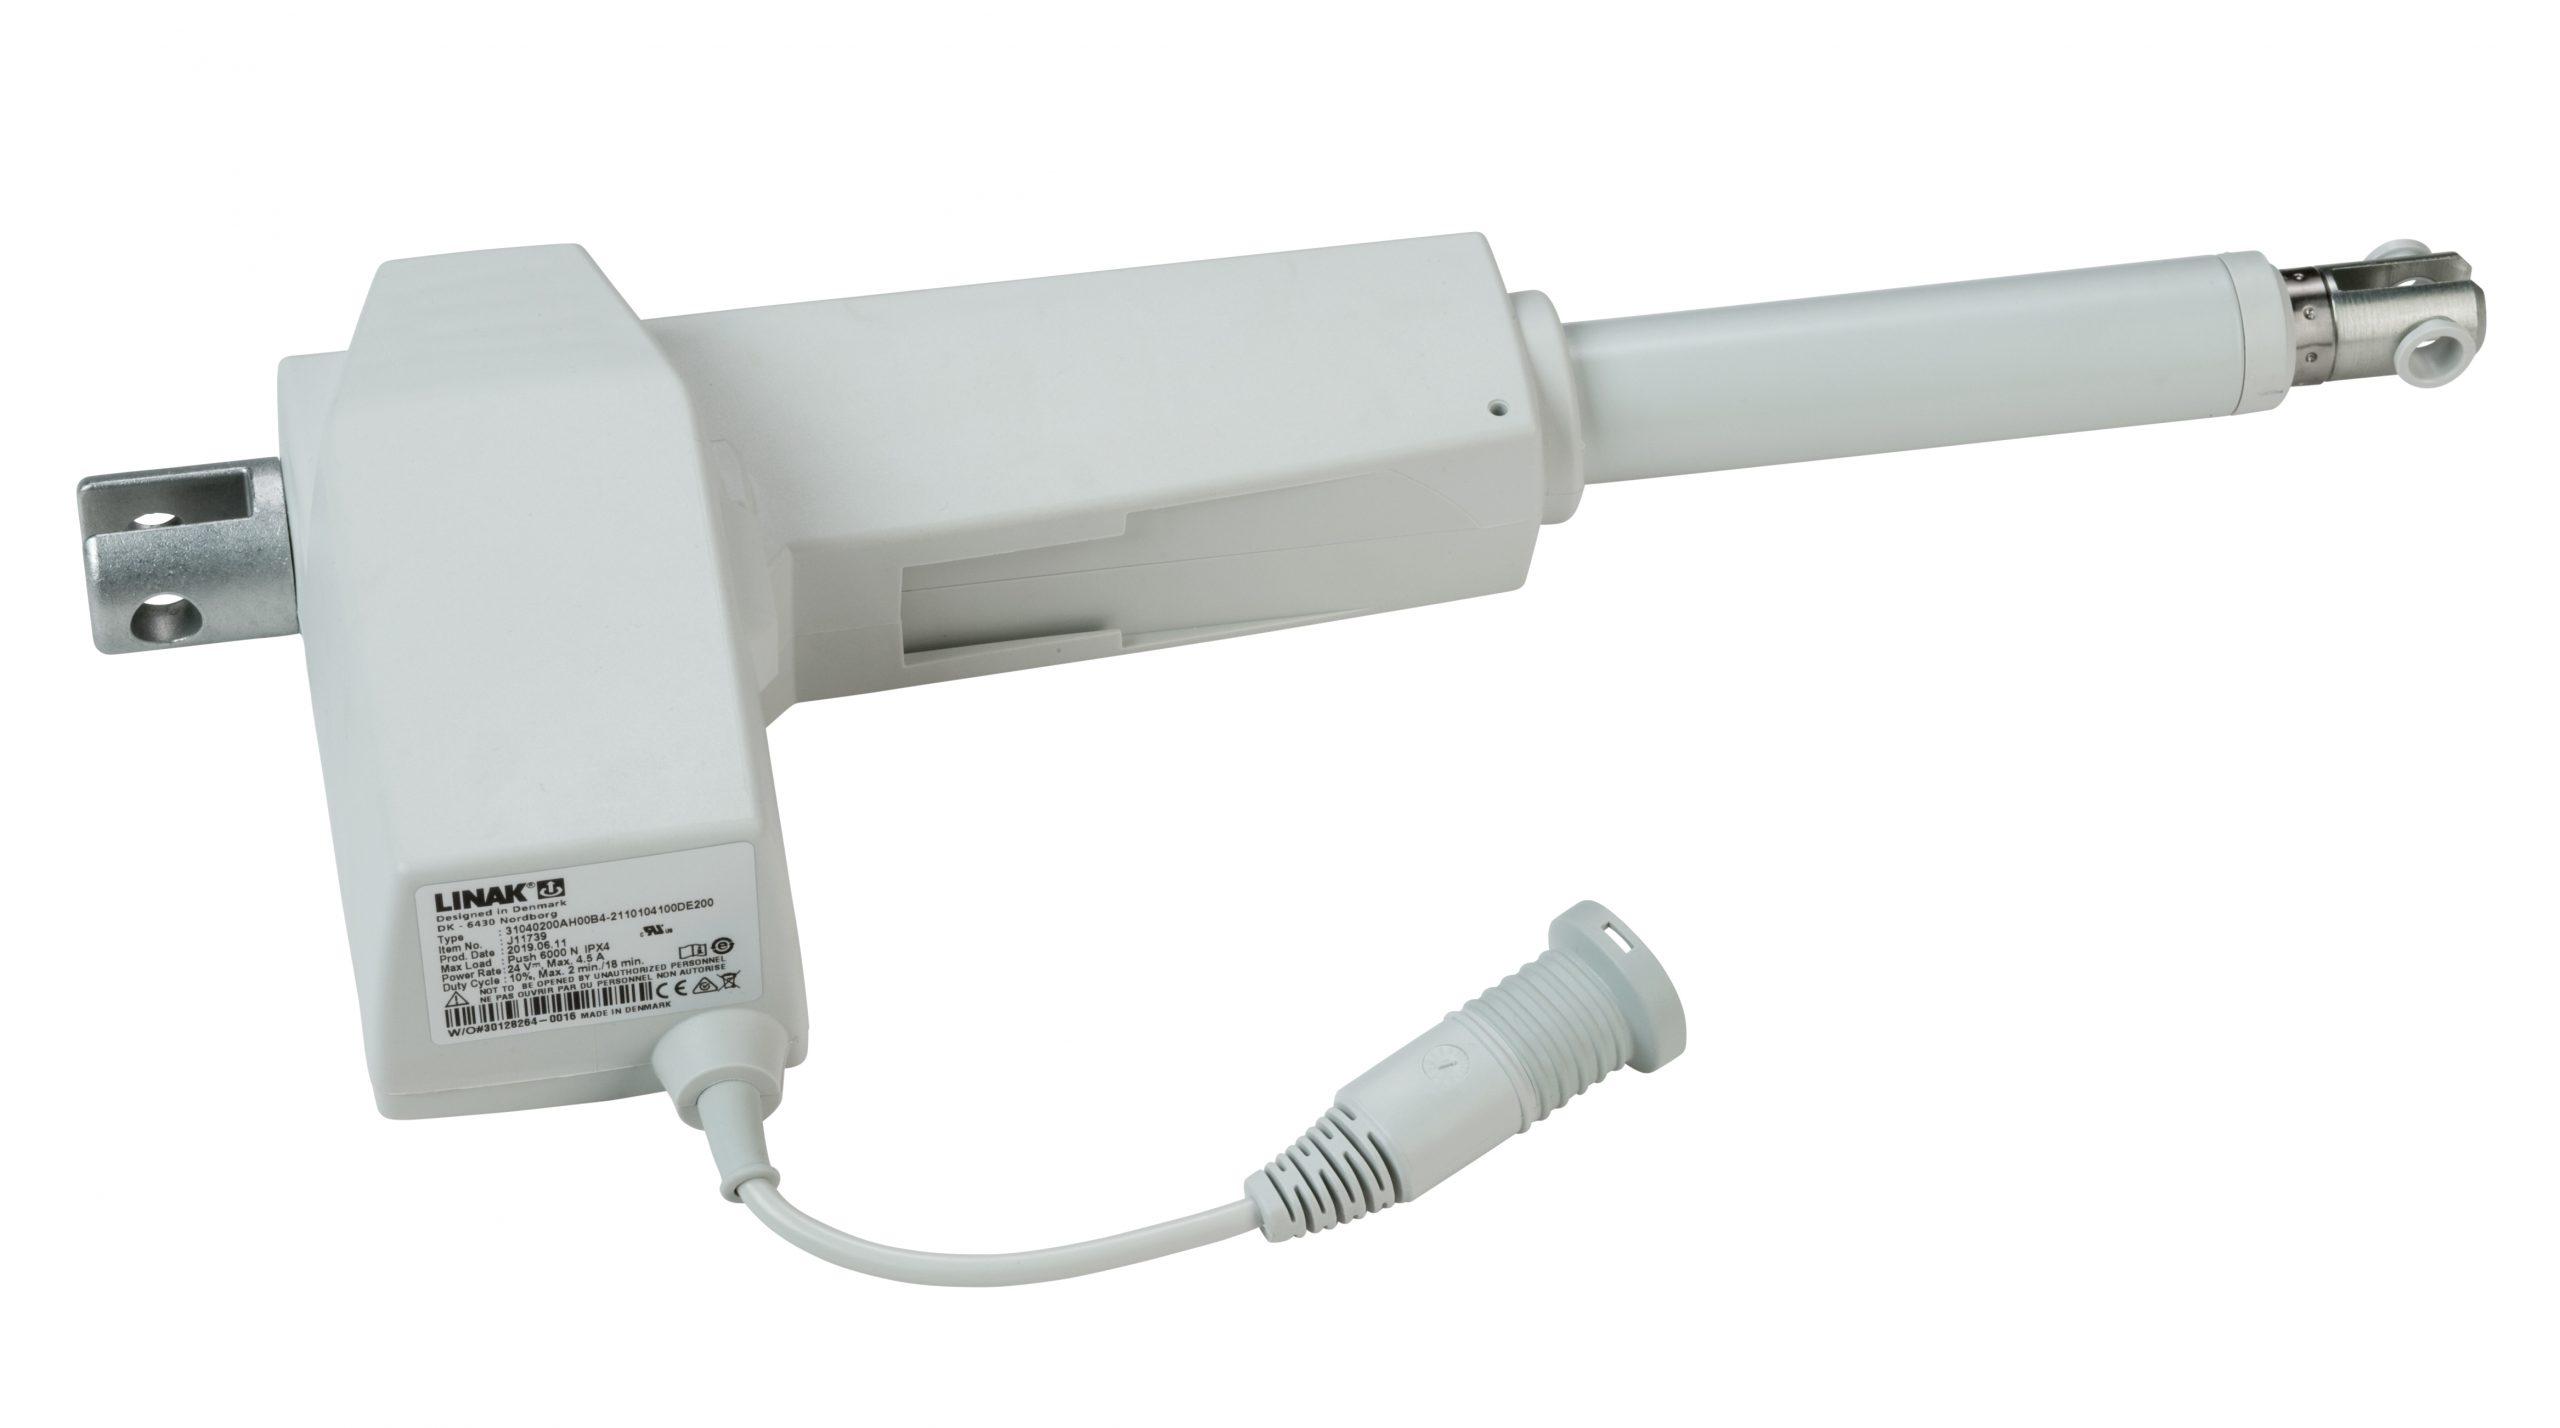 Linak LA31 – 6,000N Push – 200mm Stroke [Turned Trunnion]